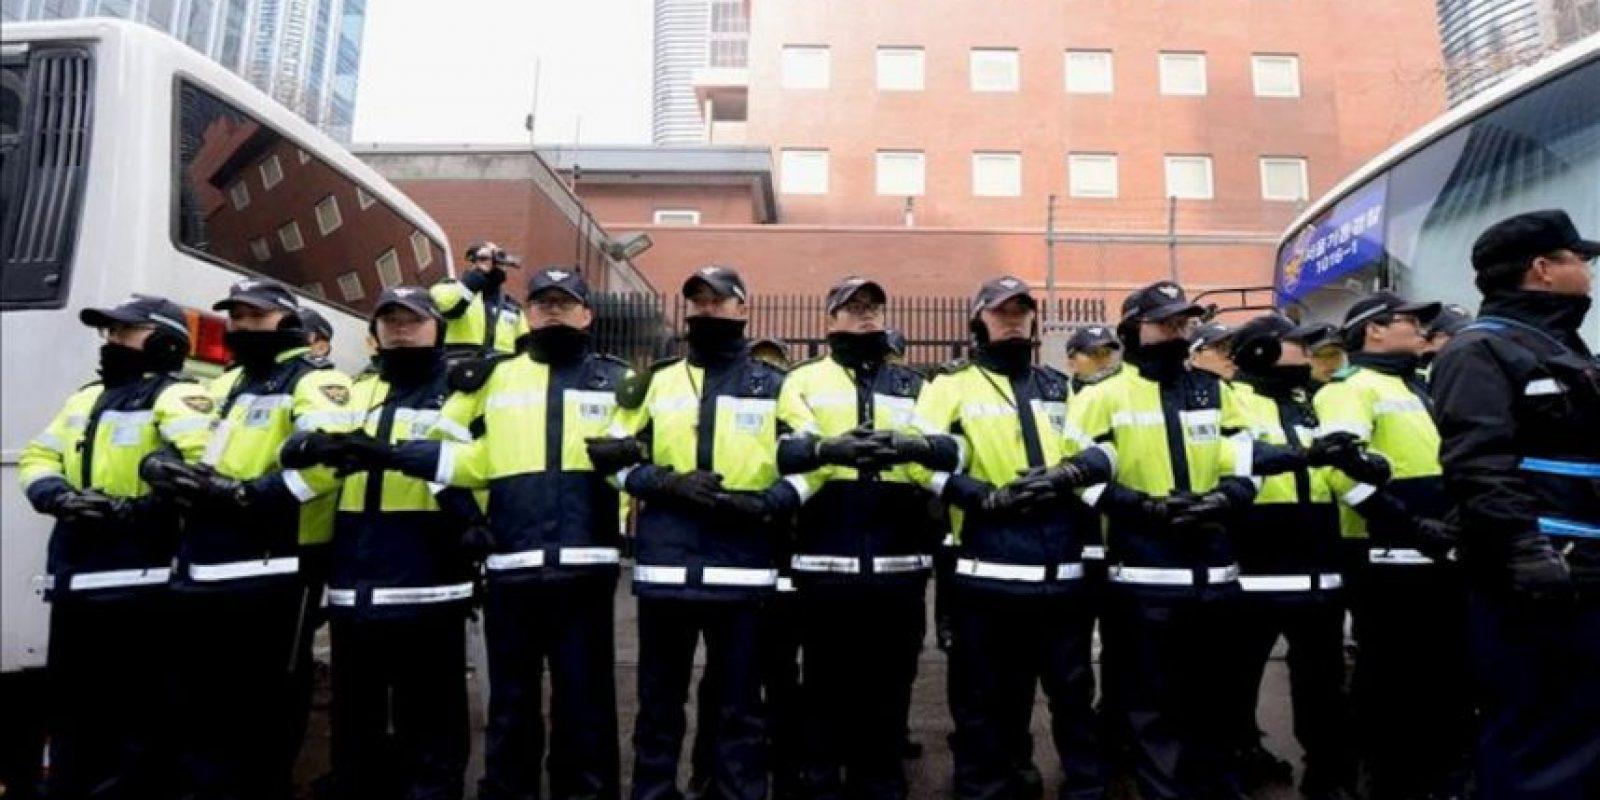 """Policías surcoreanos hacen guardia frente a la entrada de la embajada japonesa en Seúl durante una protesta contra la celebración por parte de Japón del """"Día de Takeshima"""" en Seúl, Corea del Sur, hoy viernes 22 de febrero de 2013. EFE"""